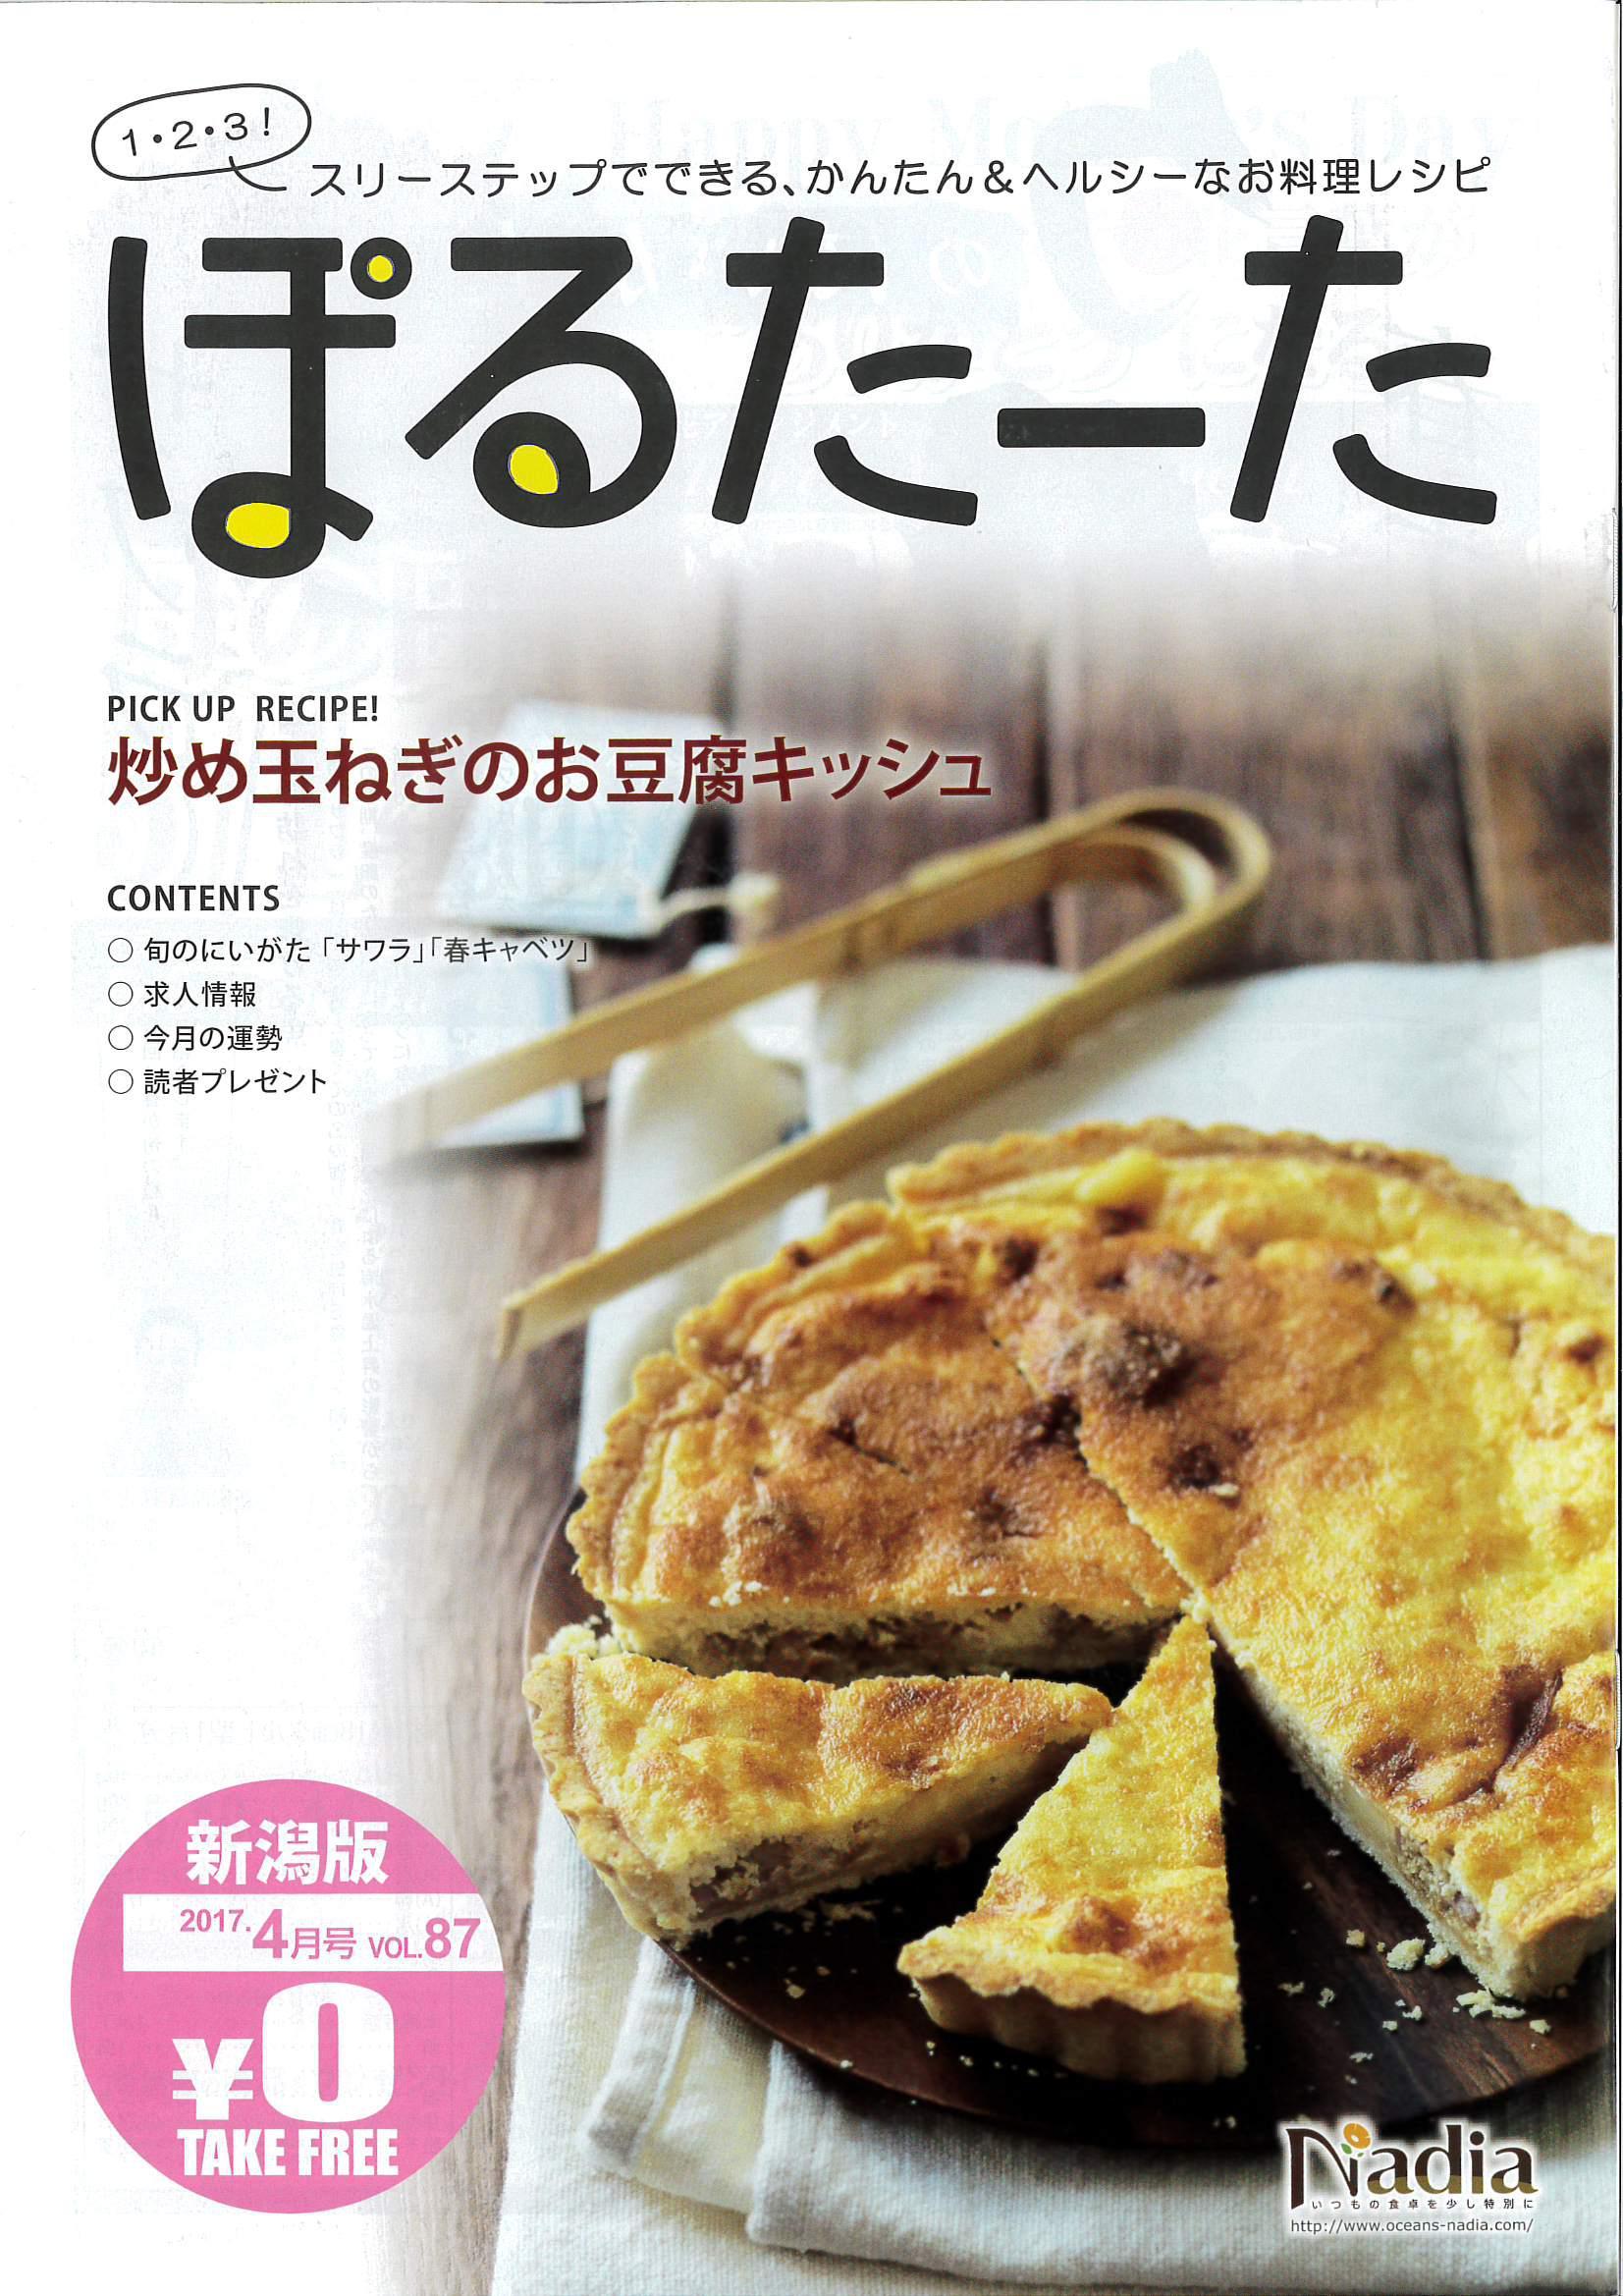 栁川かおり:フリーペーパー「ぽるたーたVOL.87(4月号)」にレシピが掲載されました!